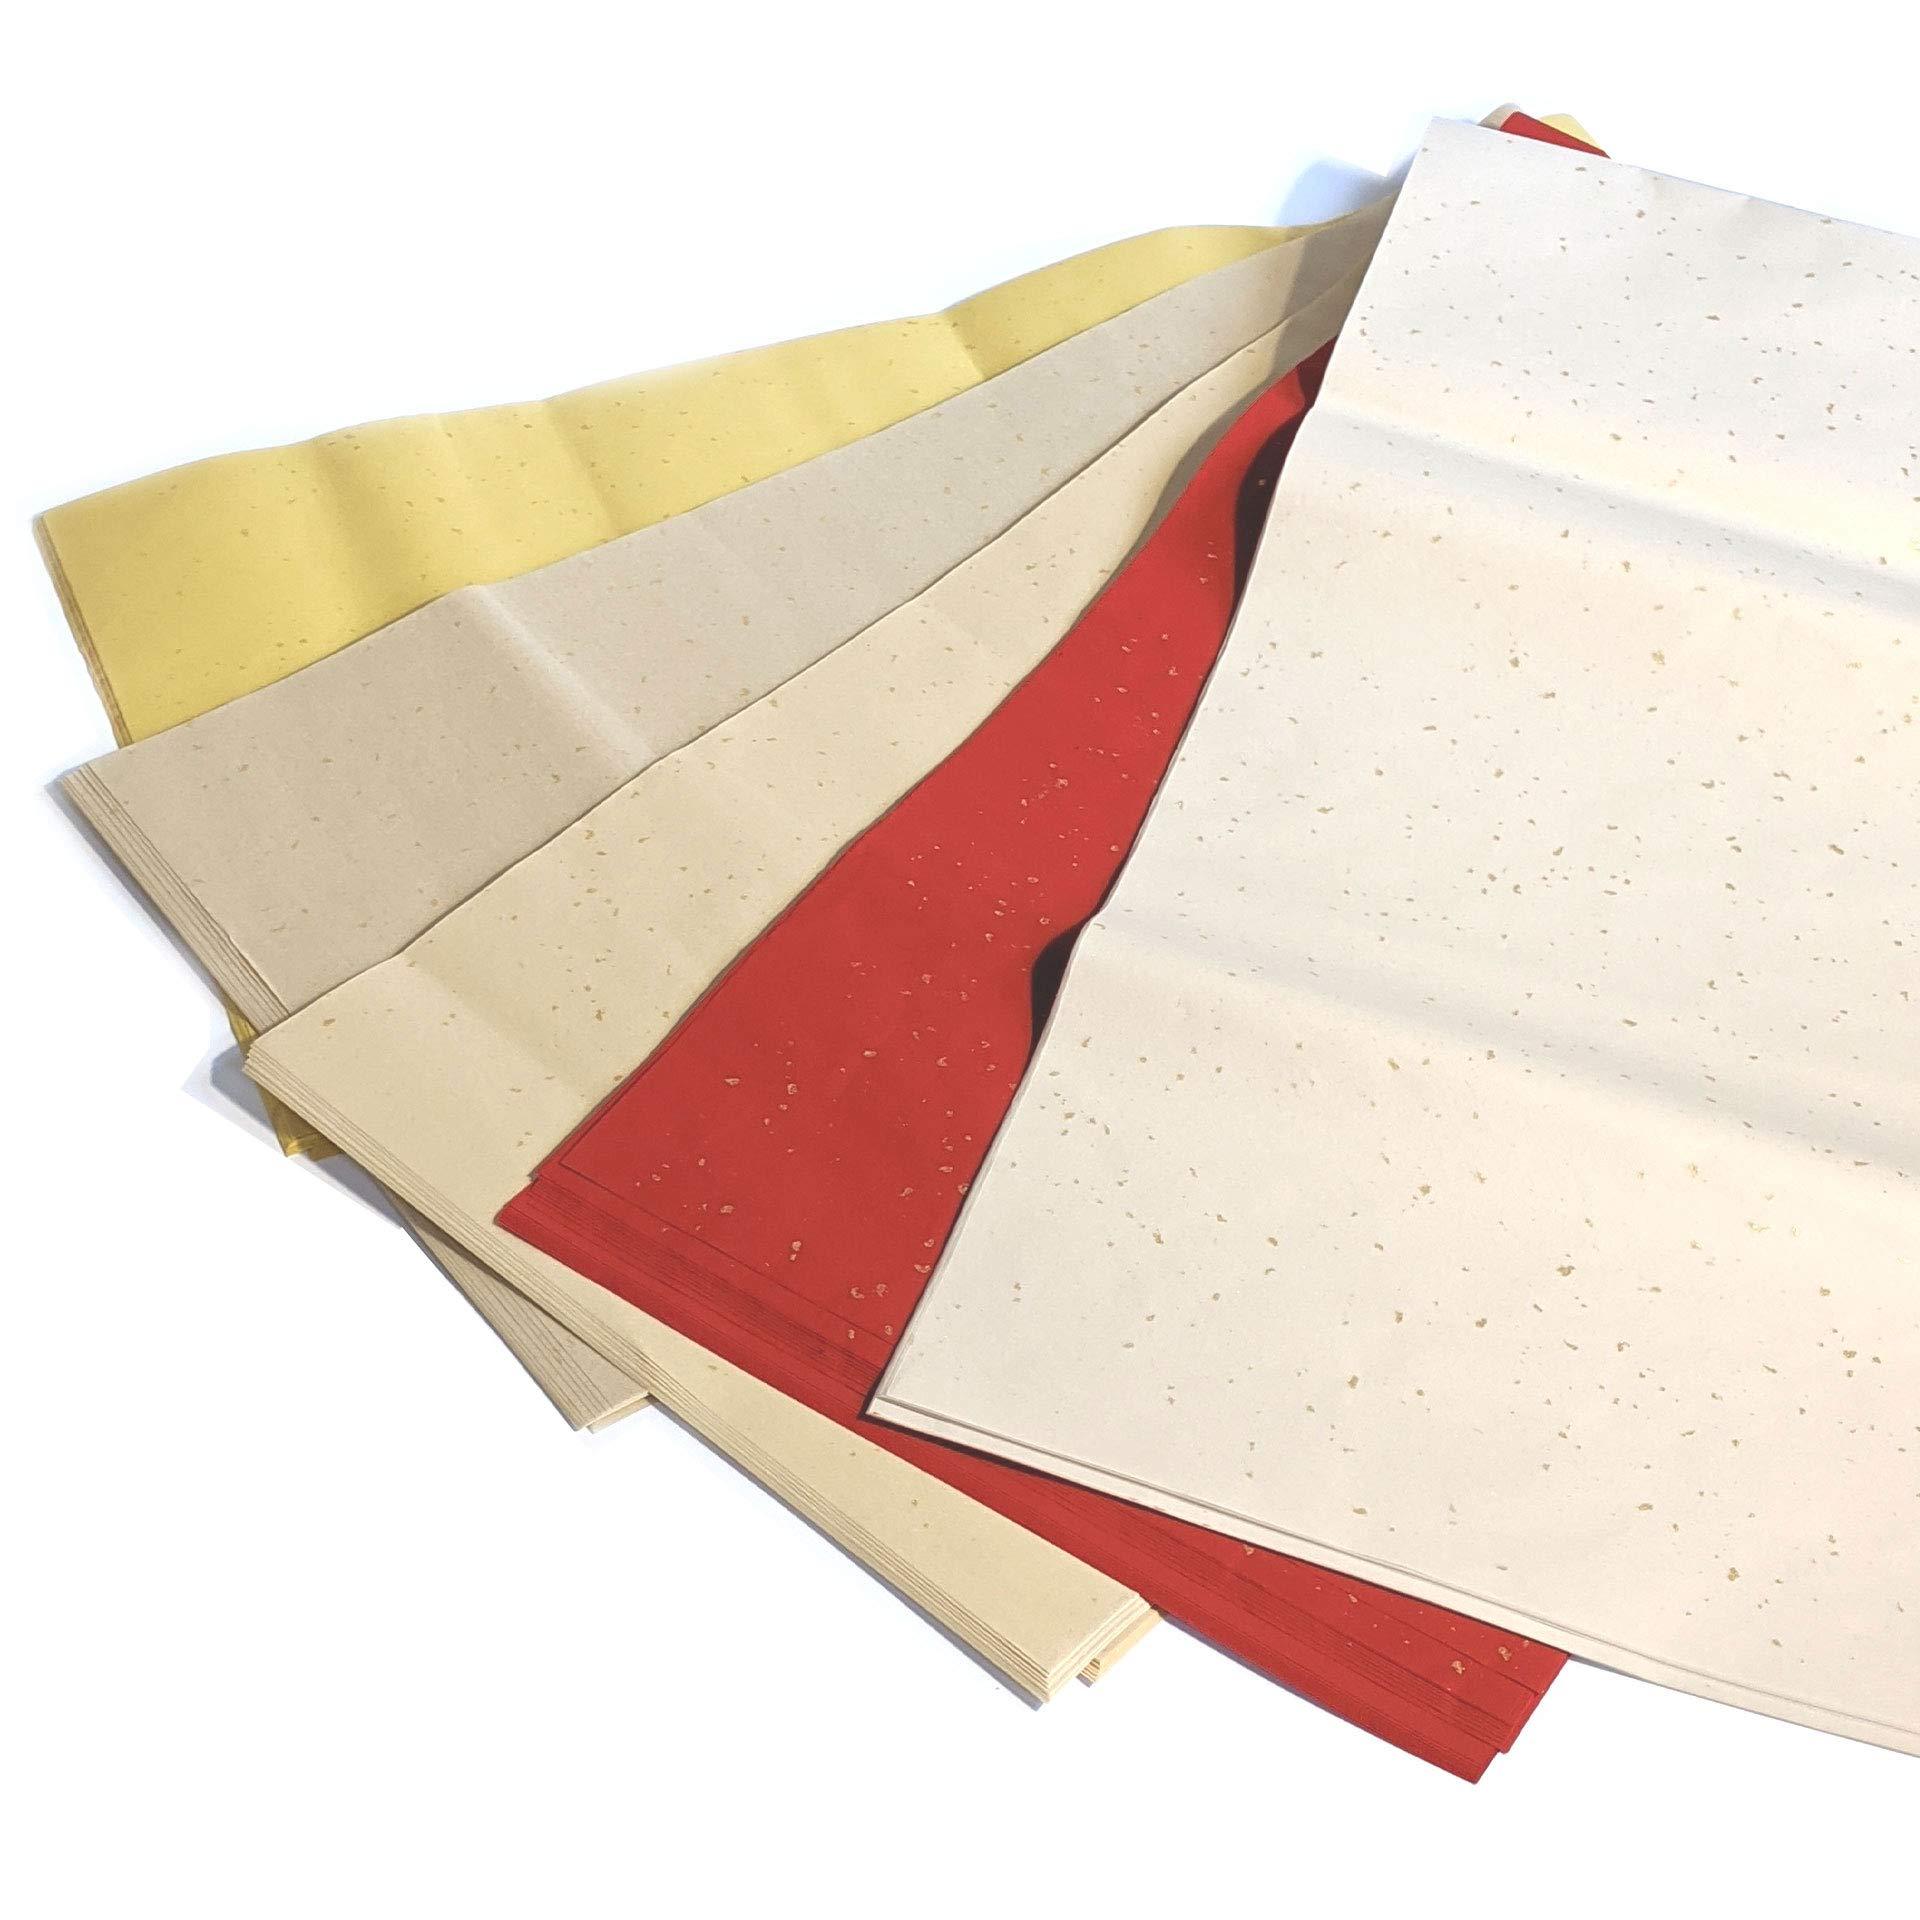 お手頃価格の染画仙紙に金箔が付いています 新作からSALEアイテム等お得な商品満載 5色から選べます 価格 加工紙 書道用紙 半切 色画仙紙 1色10枚 冷金宣